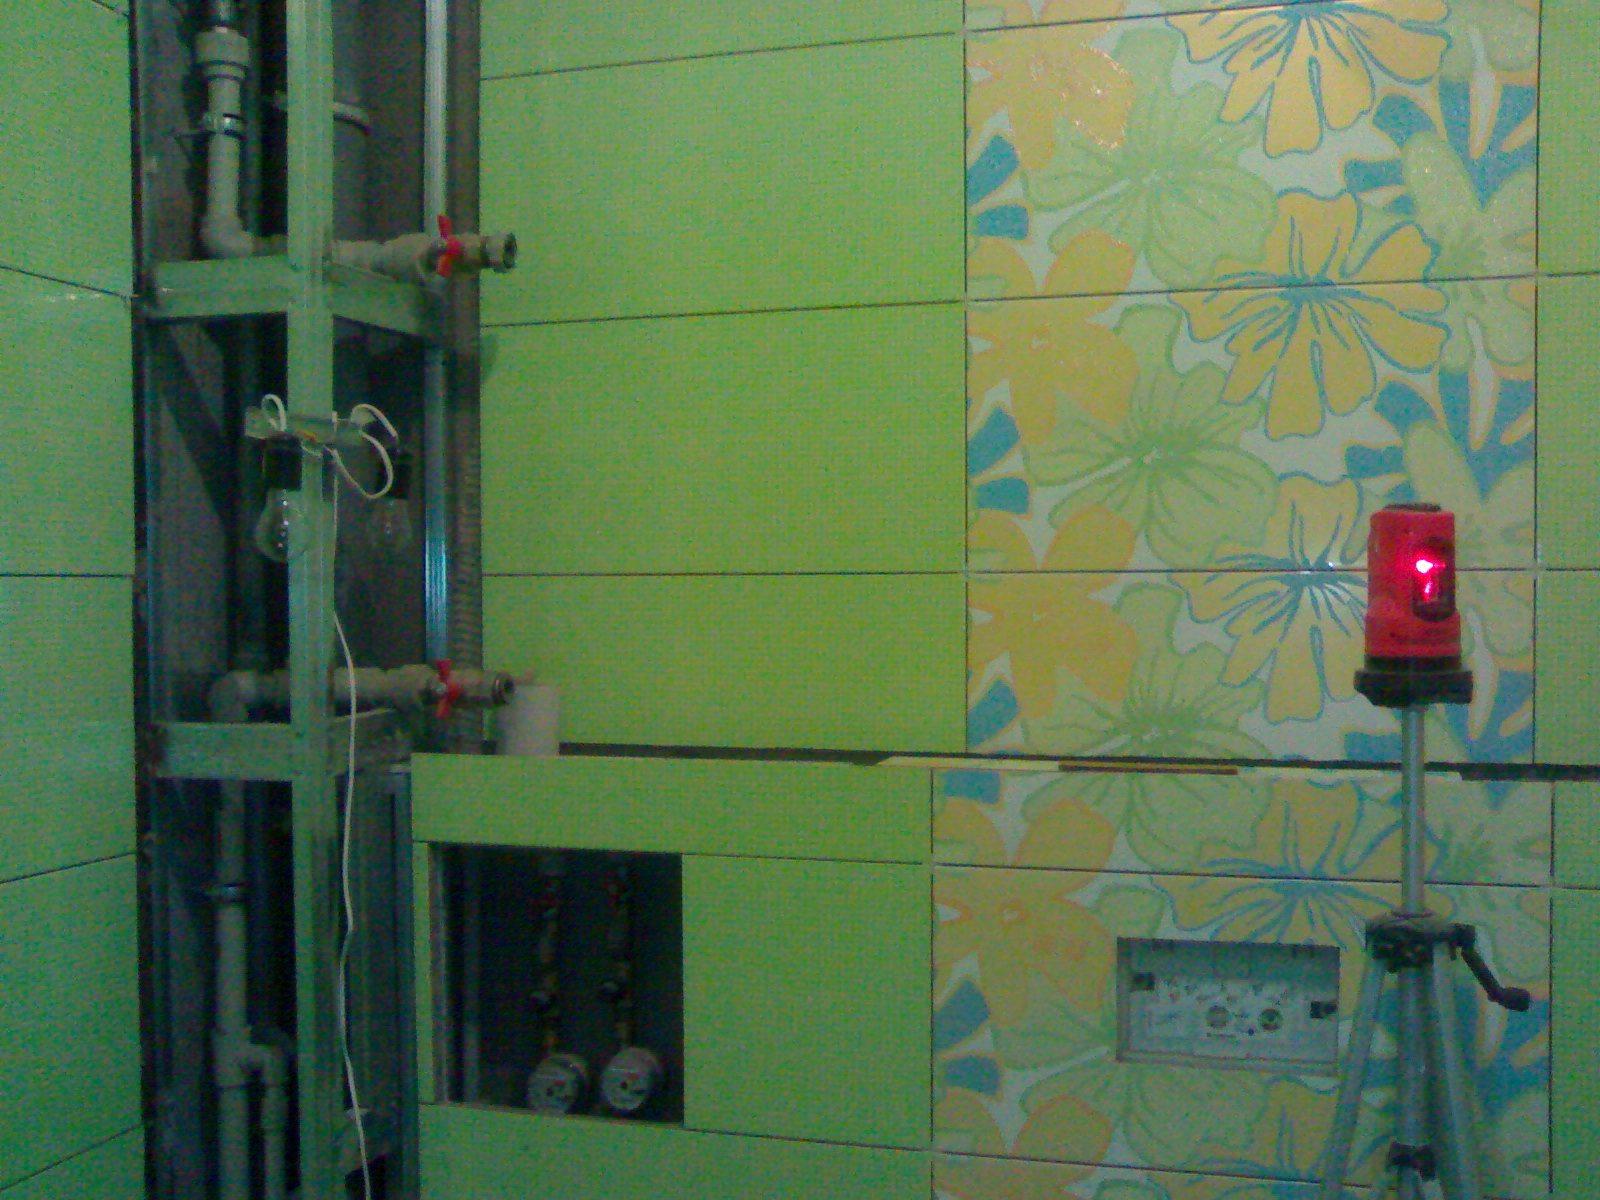 Как задекорировать стояк отопления: варианты для украшения 47